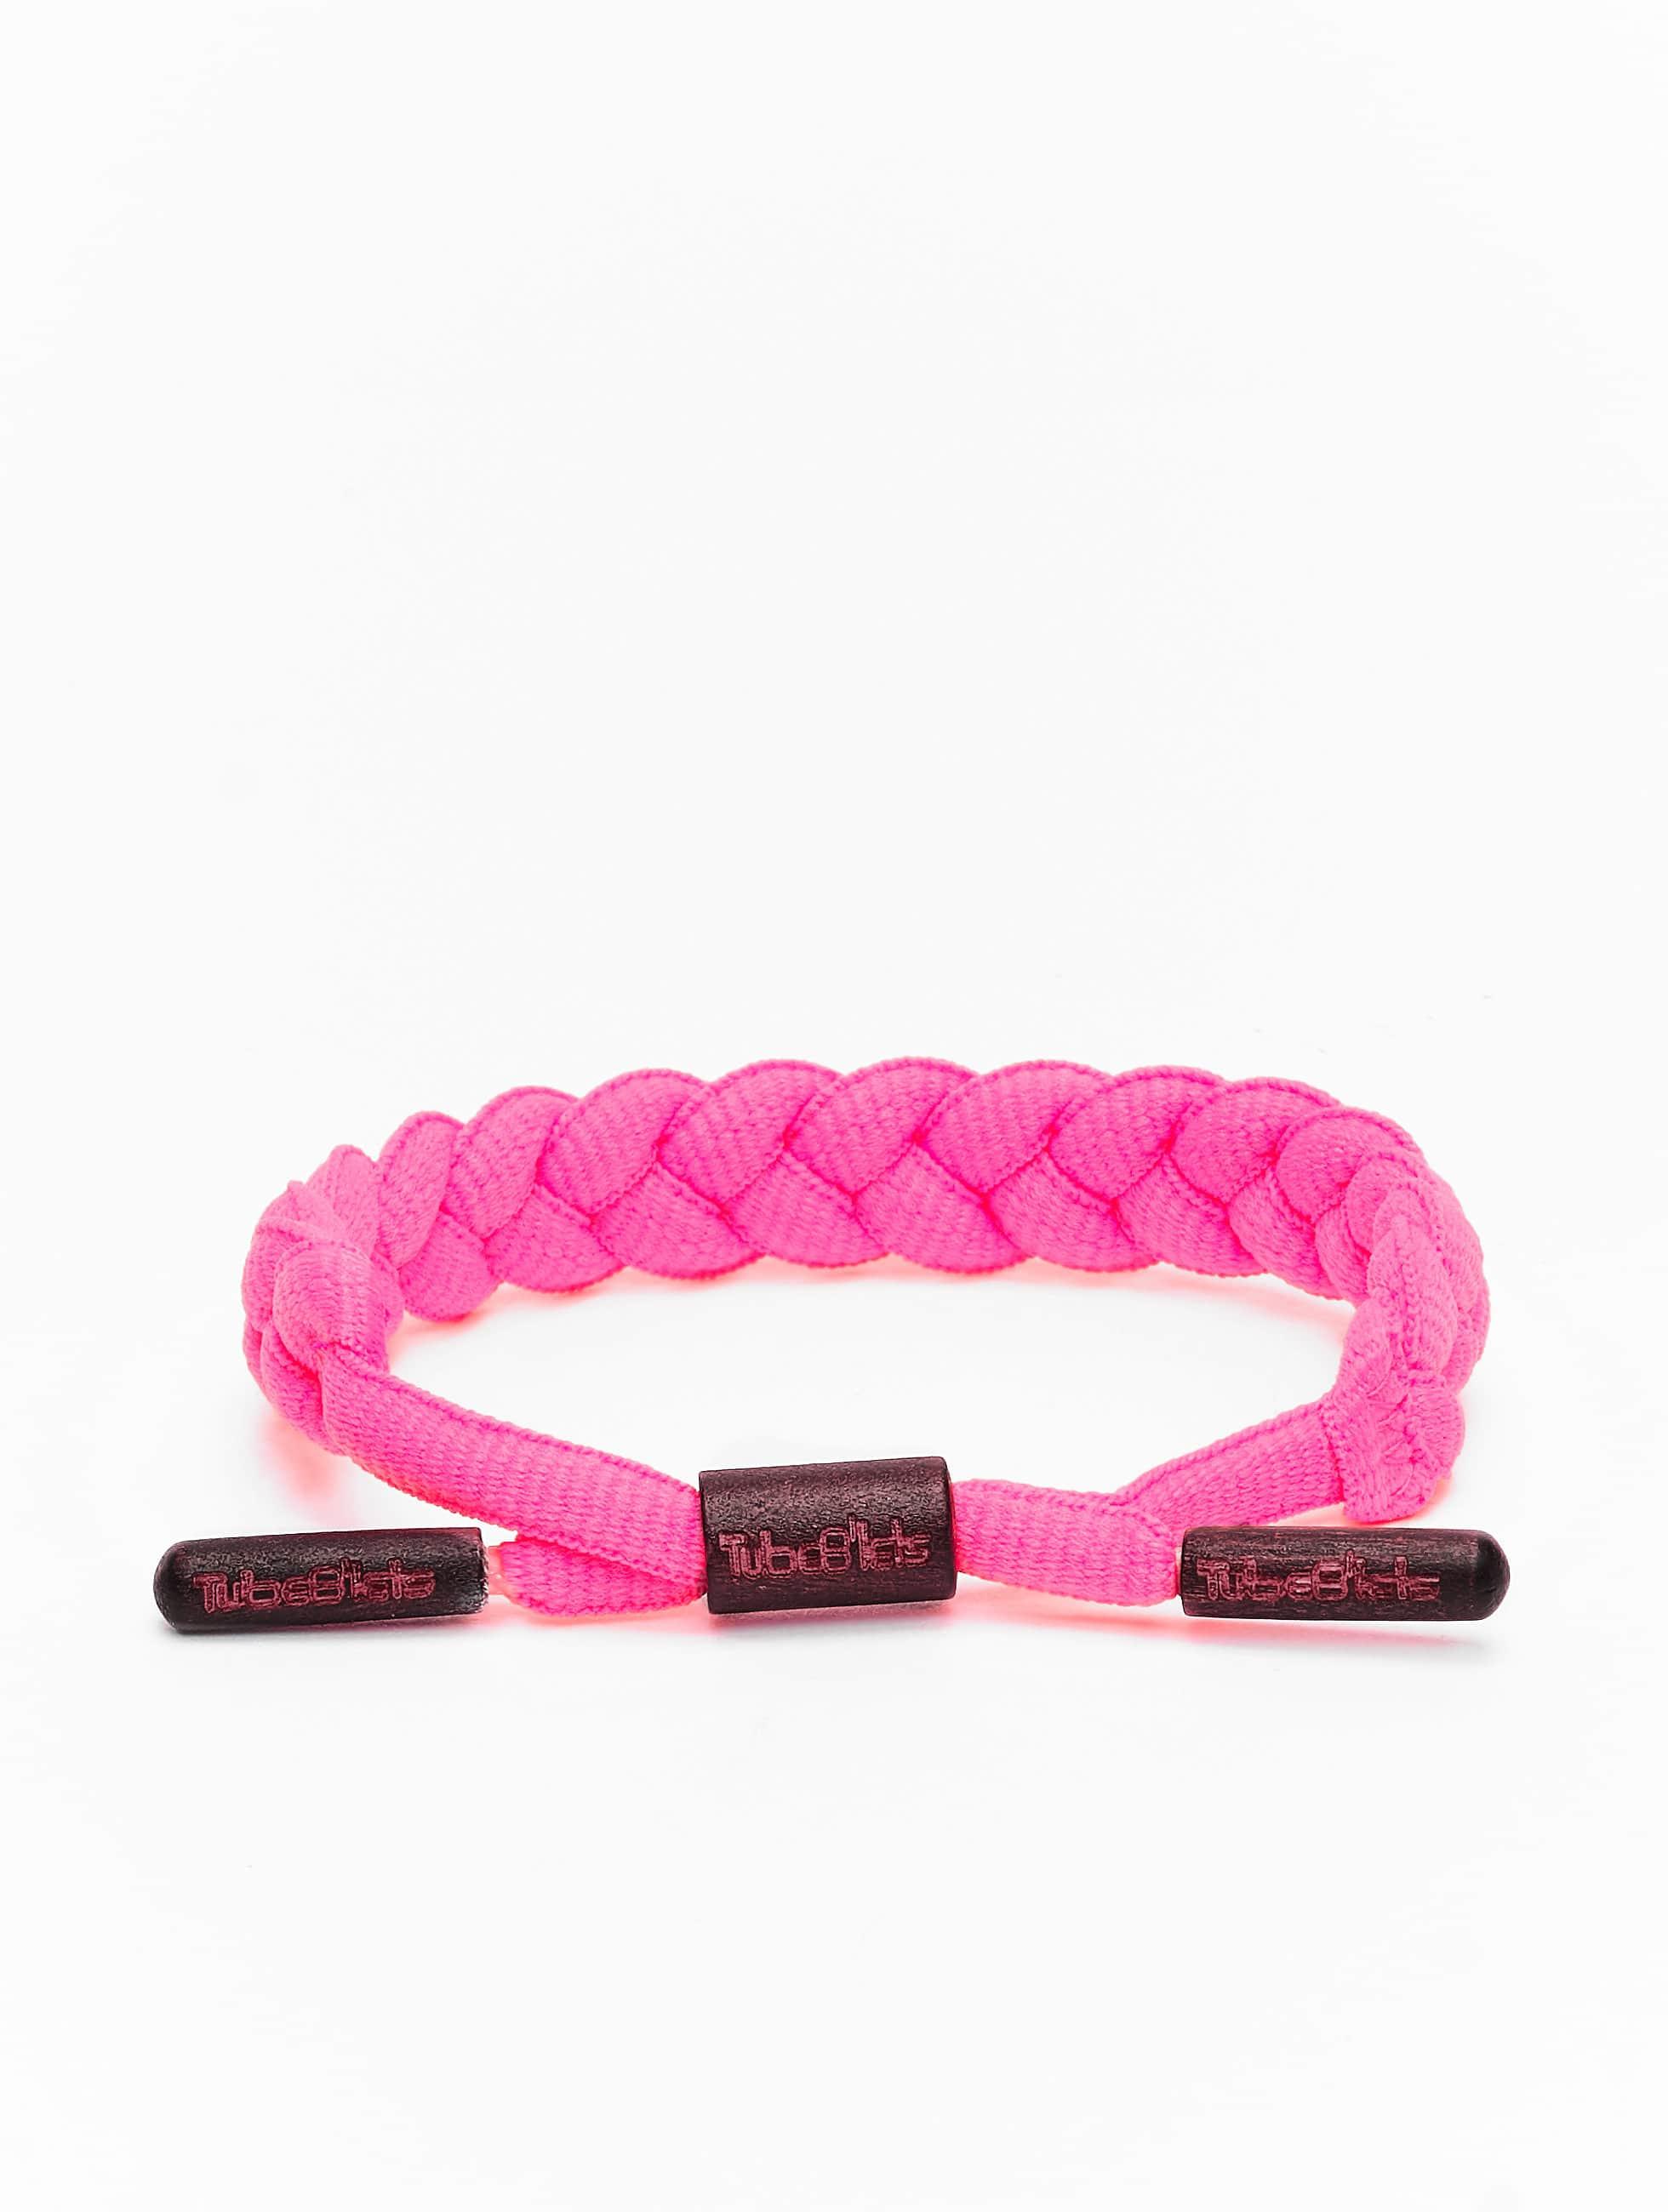 Klein Döbbern Angebote Tubelaces Männer,Frauen Armband TubeBlet in pink